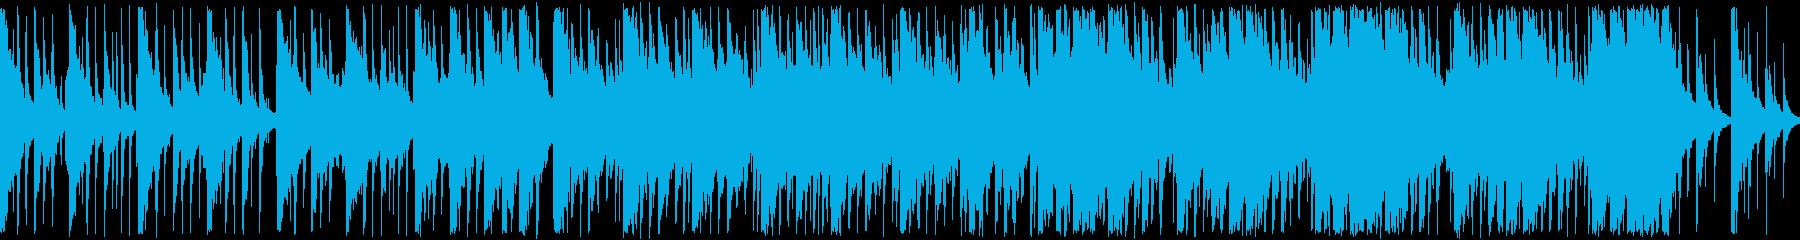 和楽器のみの雅で落ち着いた和風曲の再生済みの波形